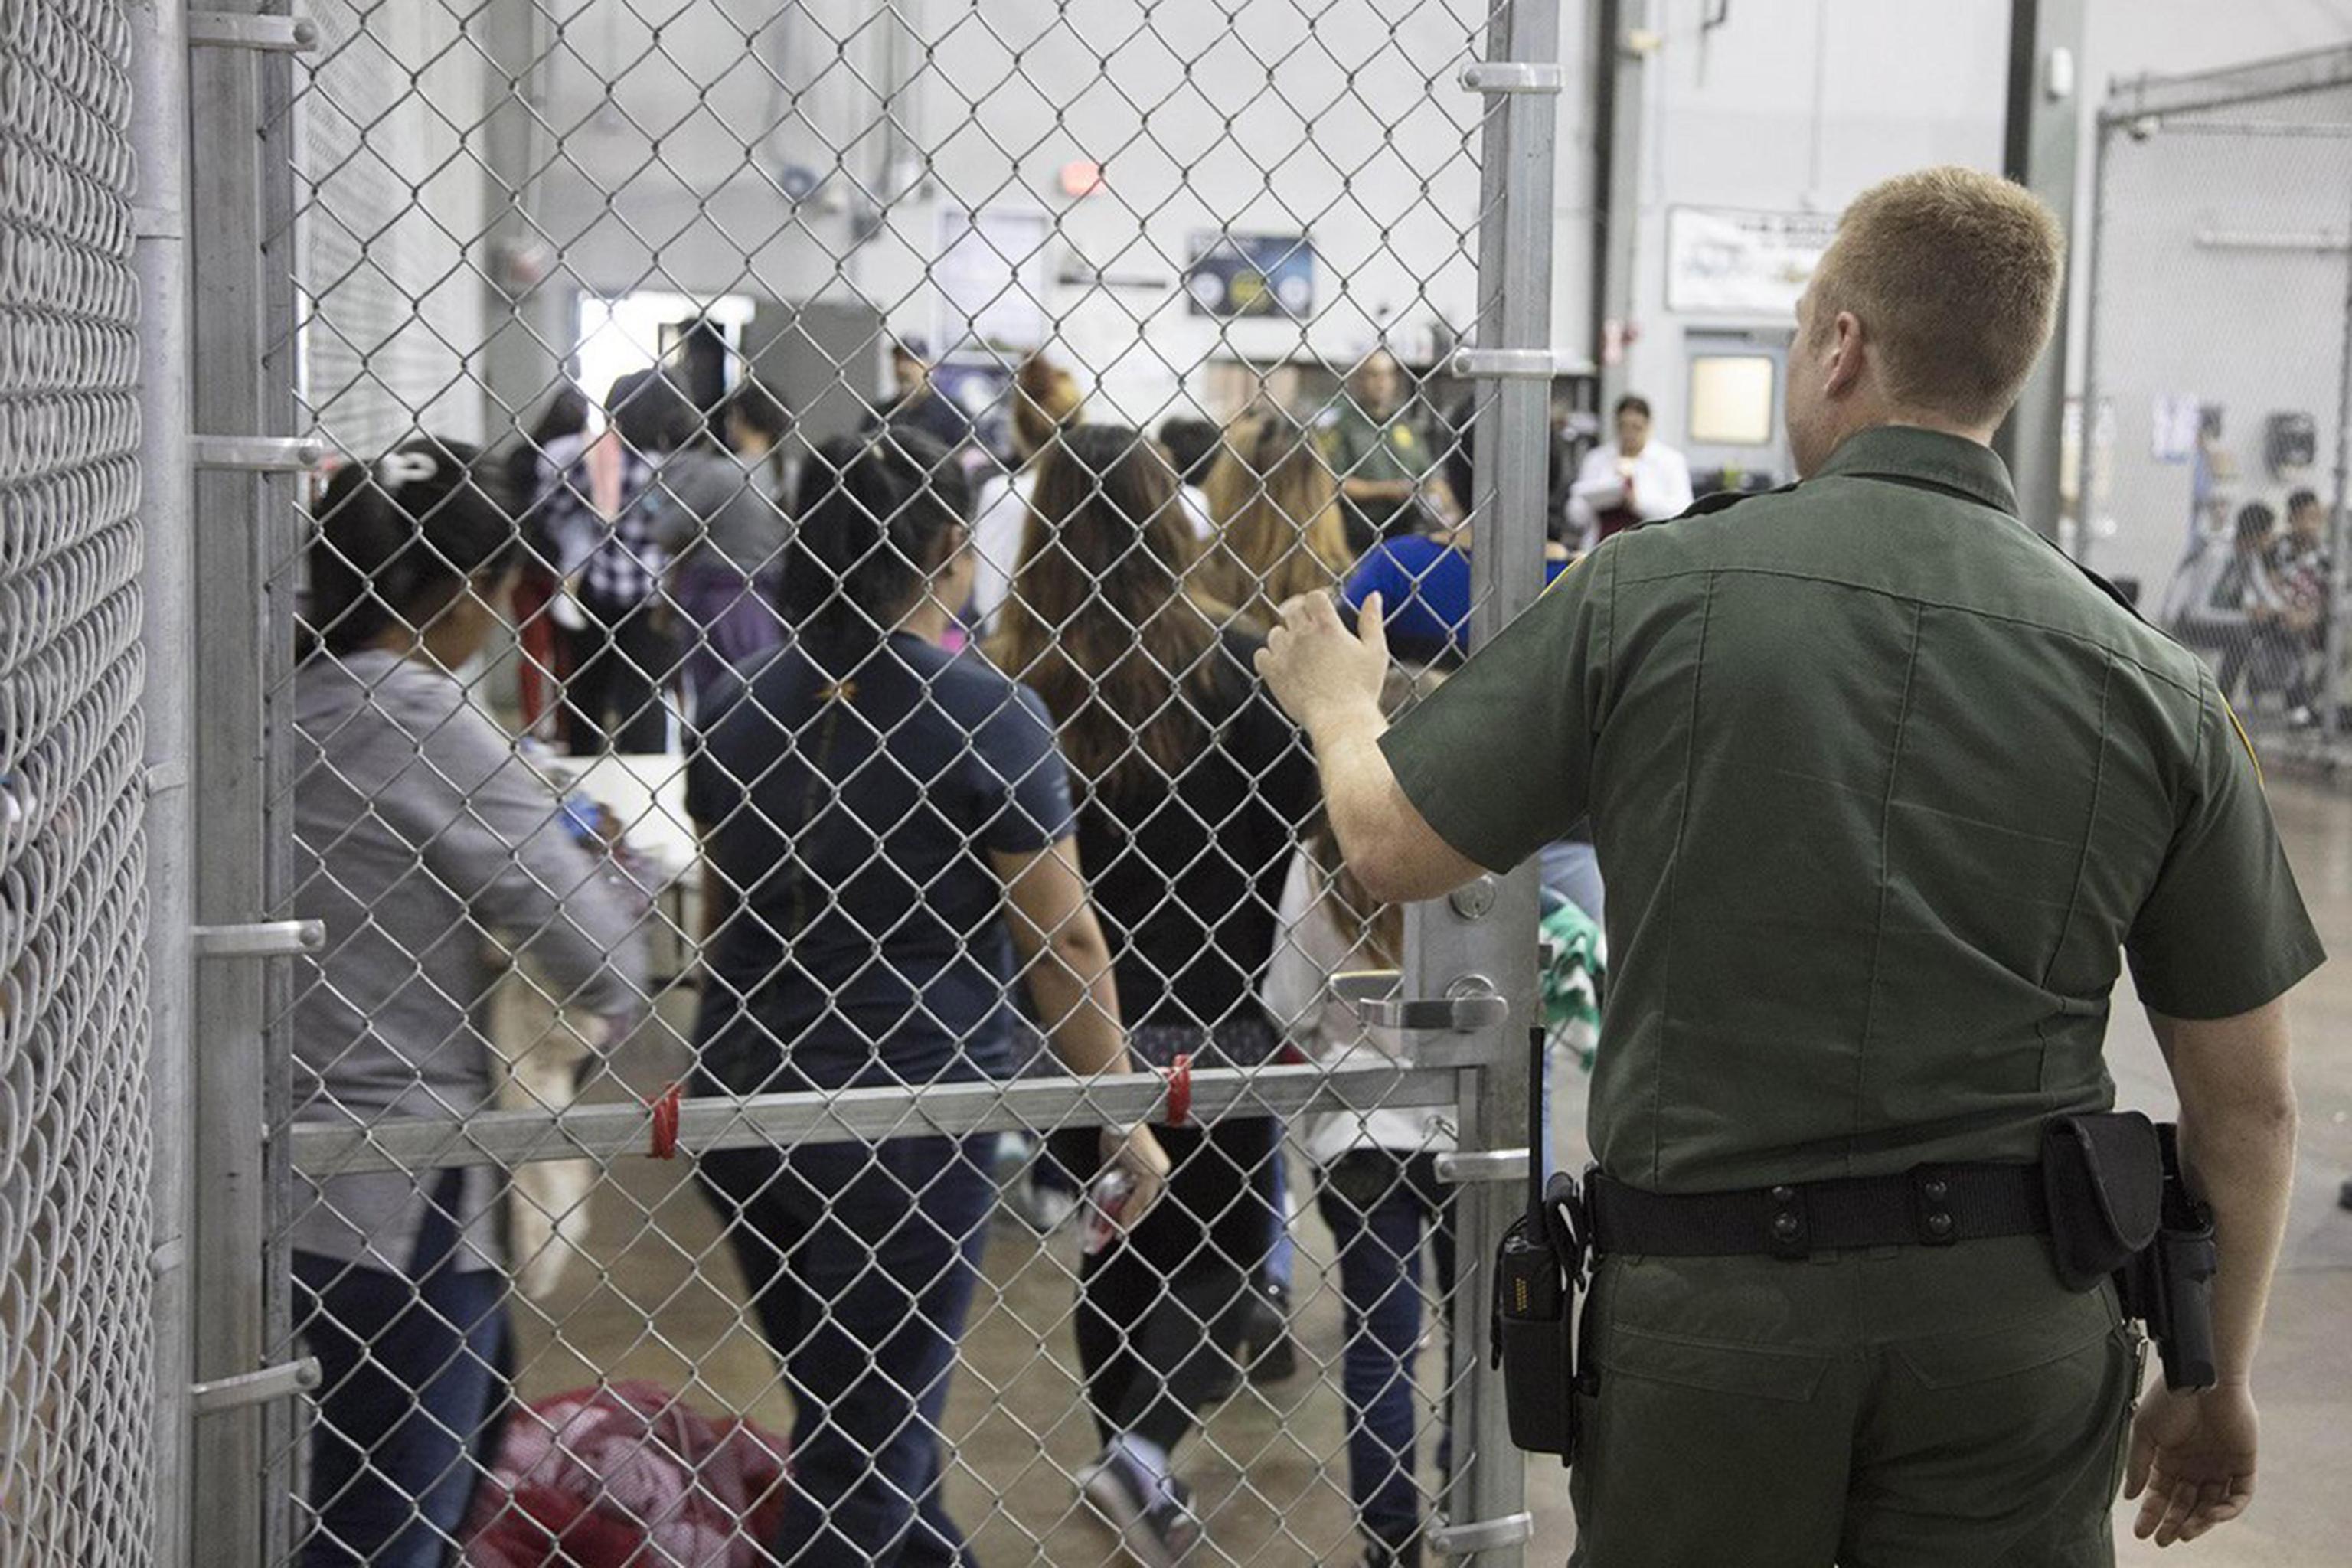 USA, lo straziante audio registrato in un centro immigrazione: le urla dei bambini strappati alle famiglie